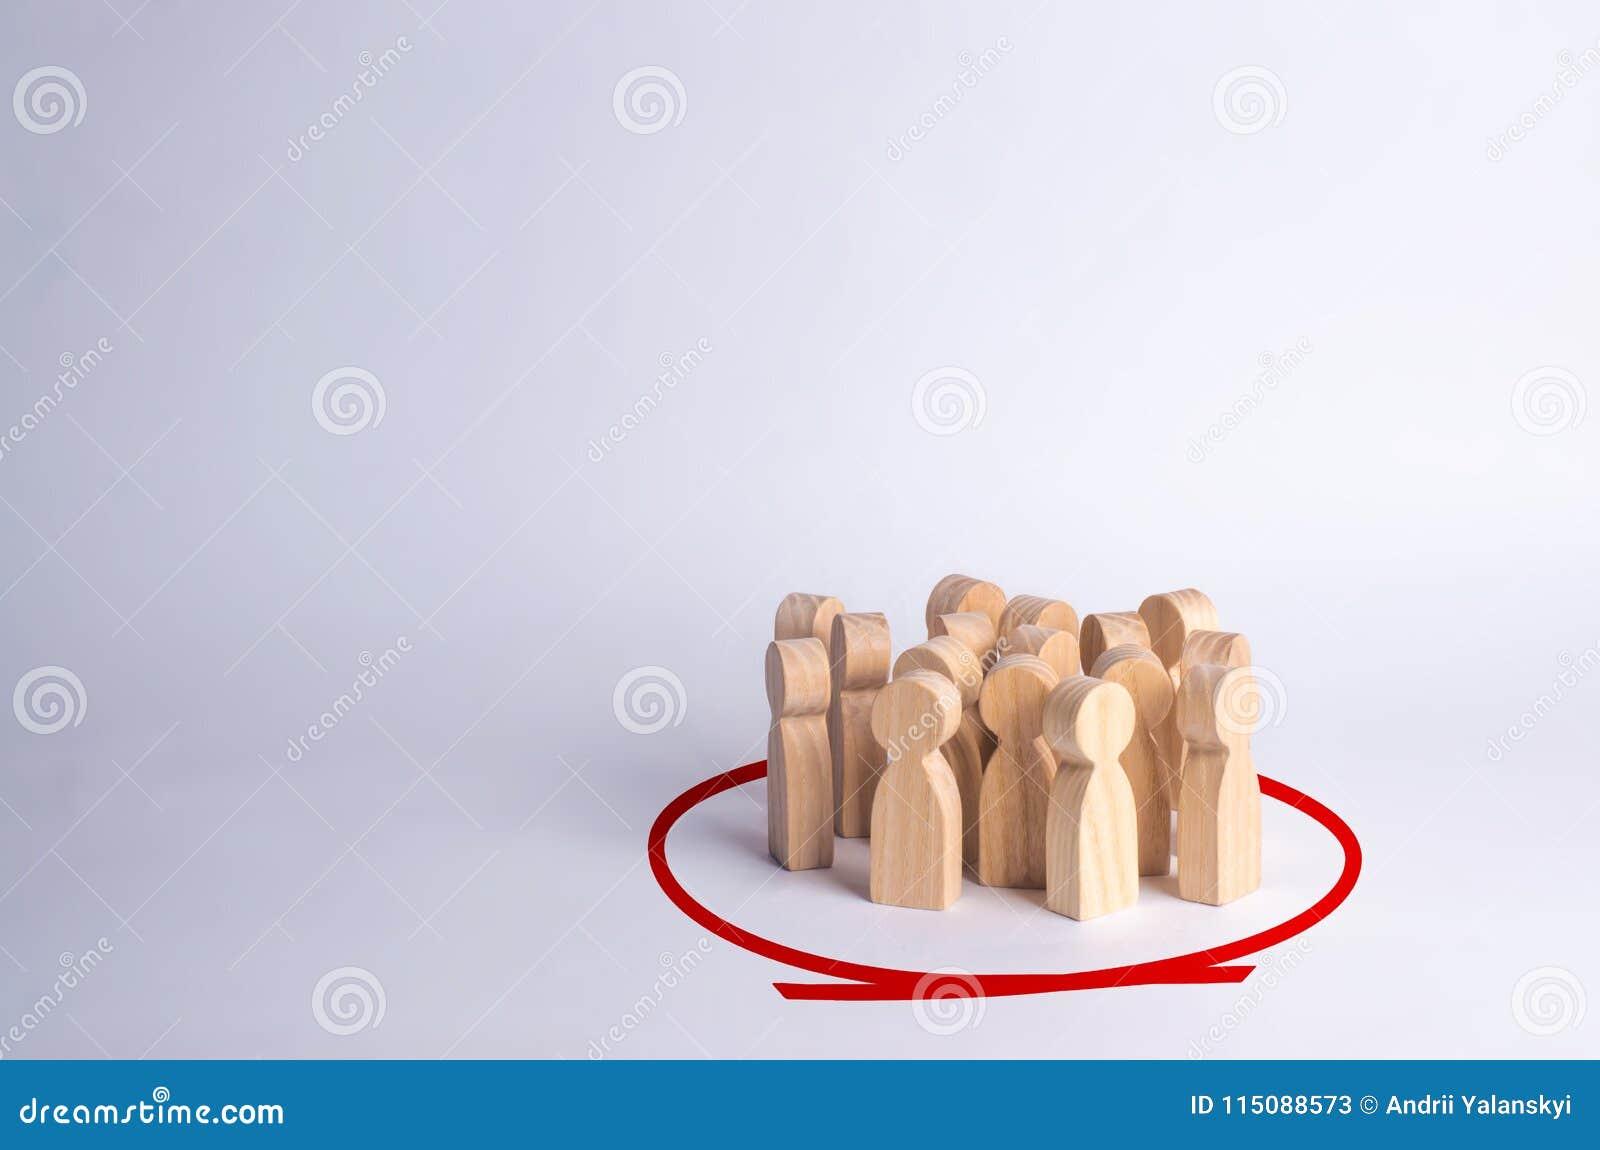 Um grupo de pessoas está estando em um círculo em um fundo branco Figuras de madeira A comunidade, partido Estatísticas e opinião